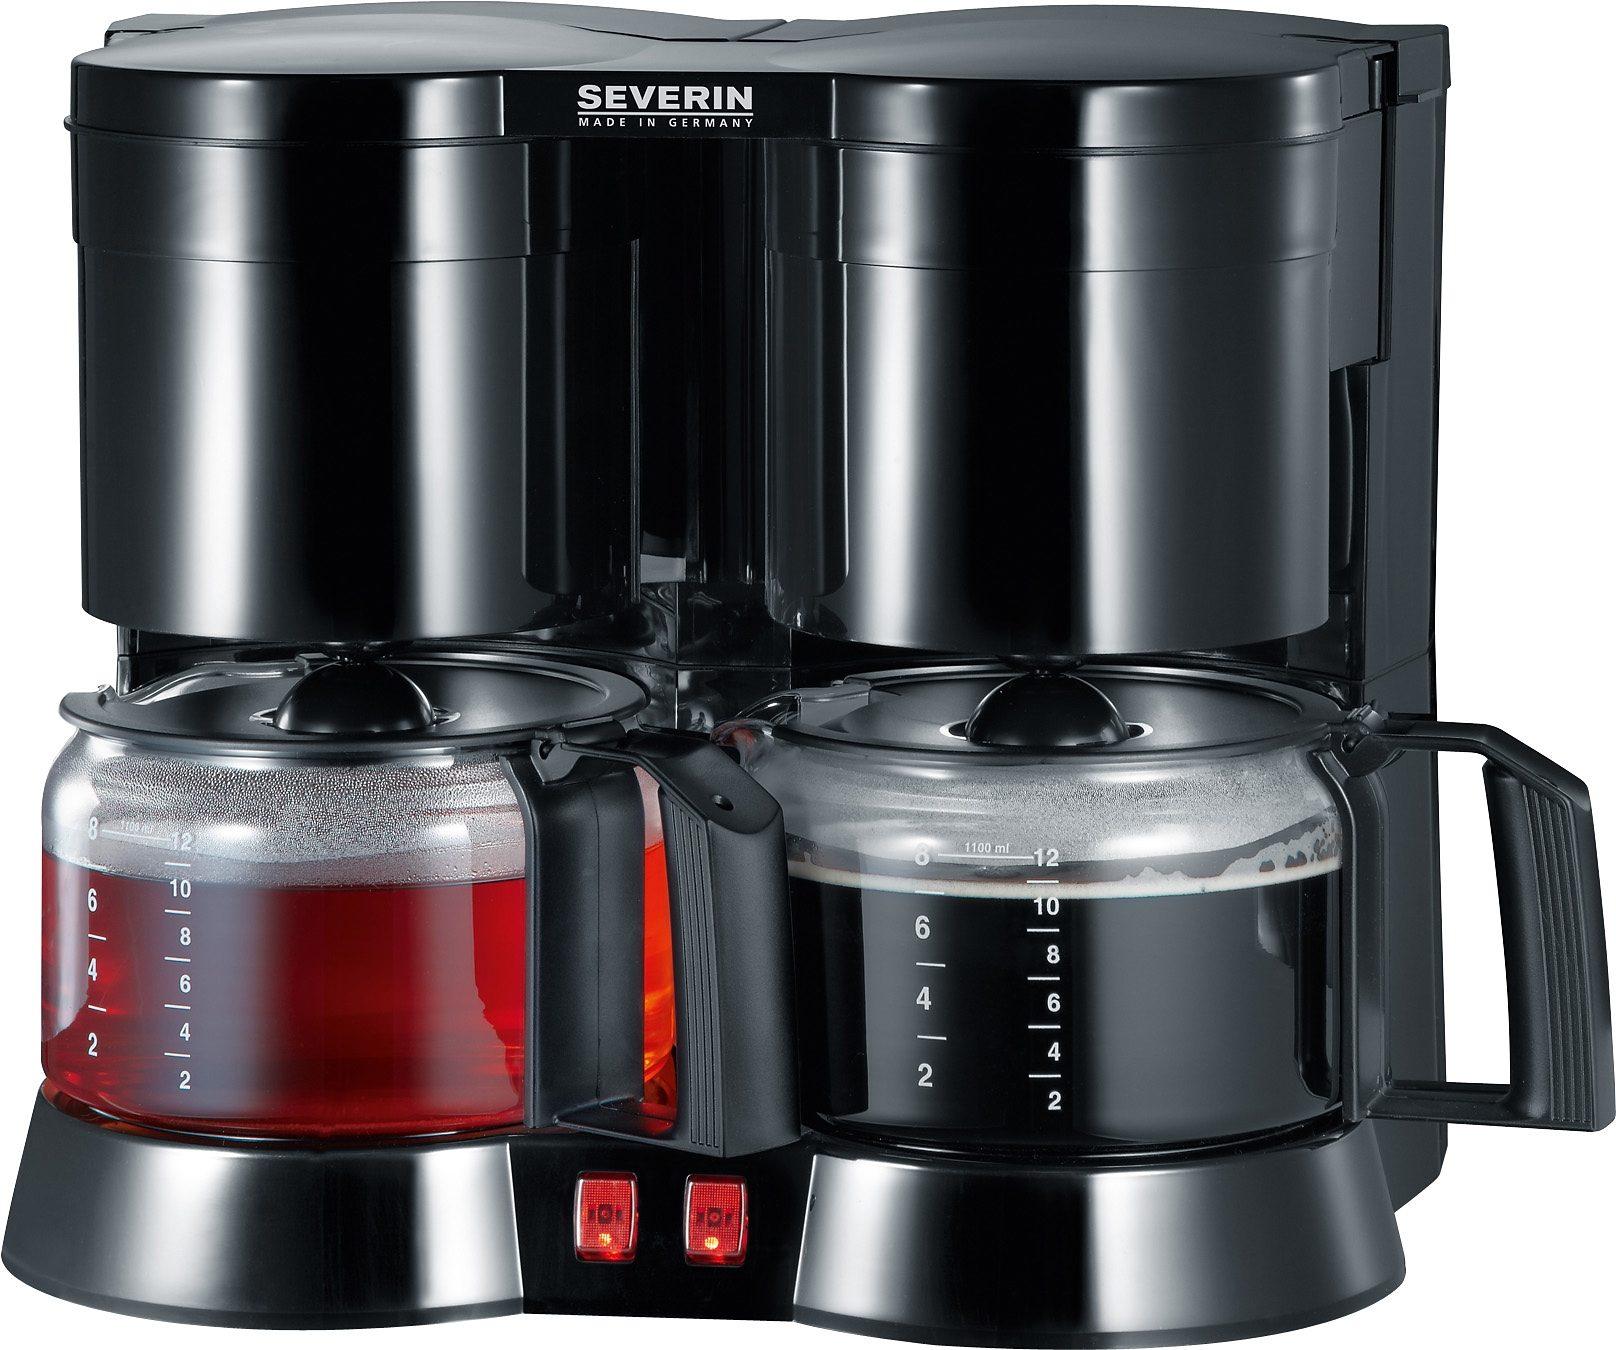 Severin Filterkaffeemaschine Duo-Kaffeeautomat KA 5802, 1,2l Kaffeekanne, Papierfilter 1x4, inkl. 1 Teefilter